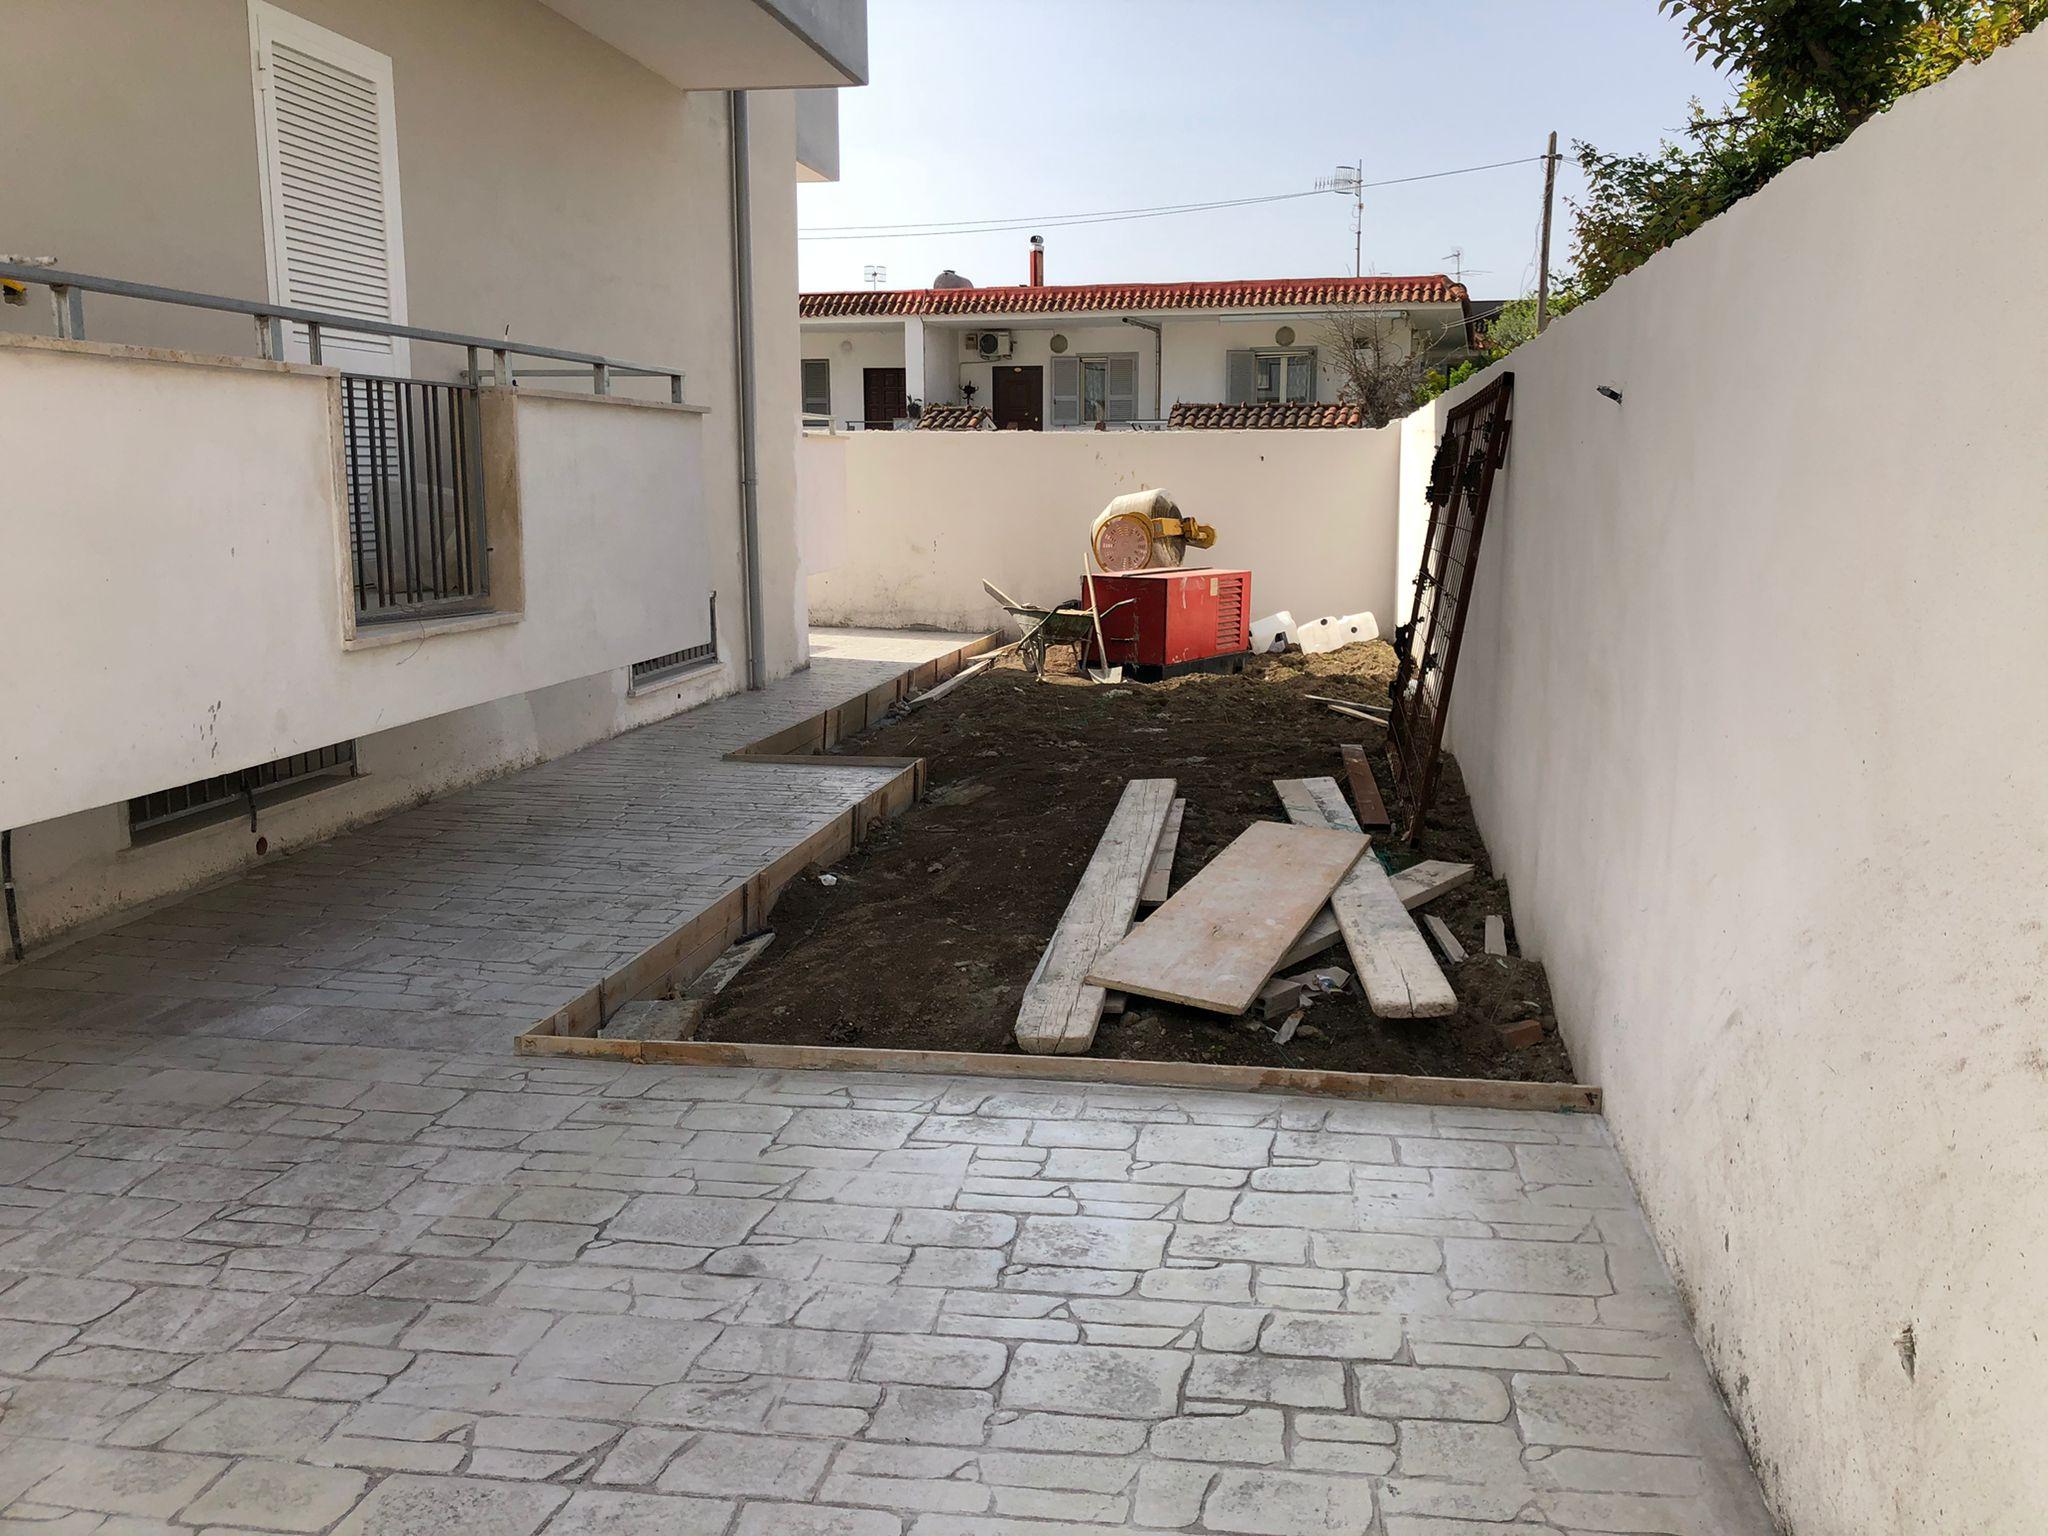 VILLA SINGOLA NUOVA COSTRUZIONE Varcaturo Centro Rif 37477